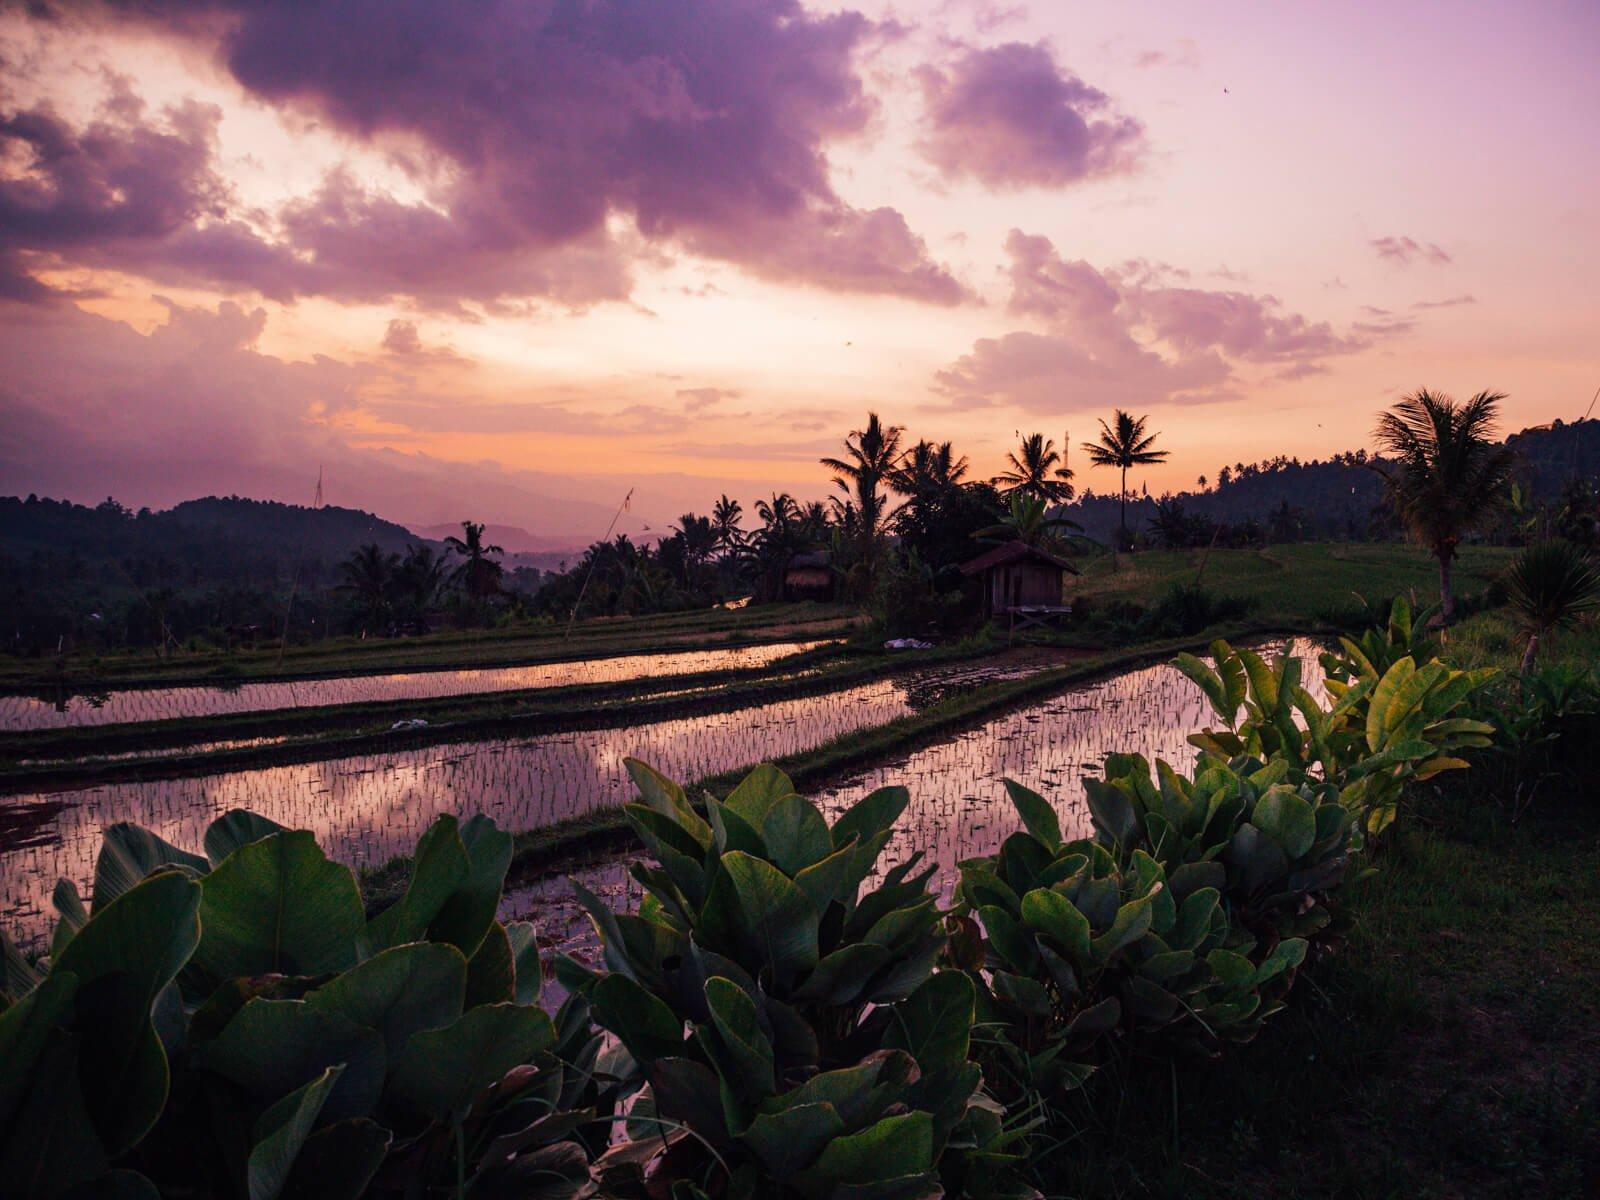 Onde ficar em Bali - Entardecer nos terraços de arroz em Munduk